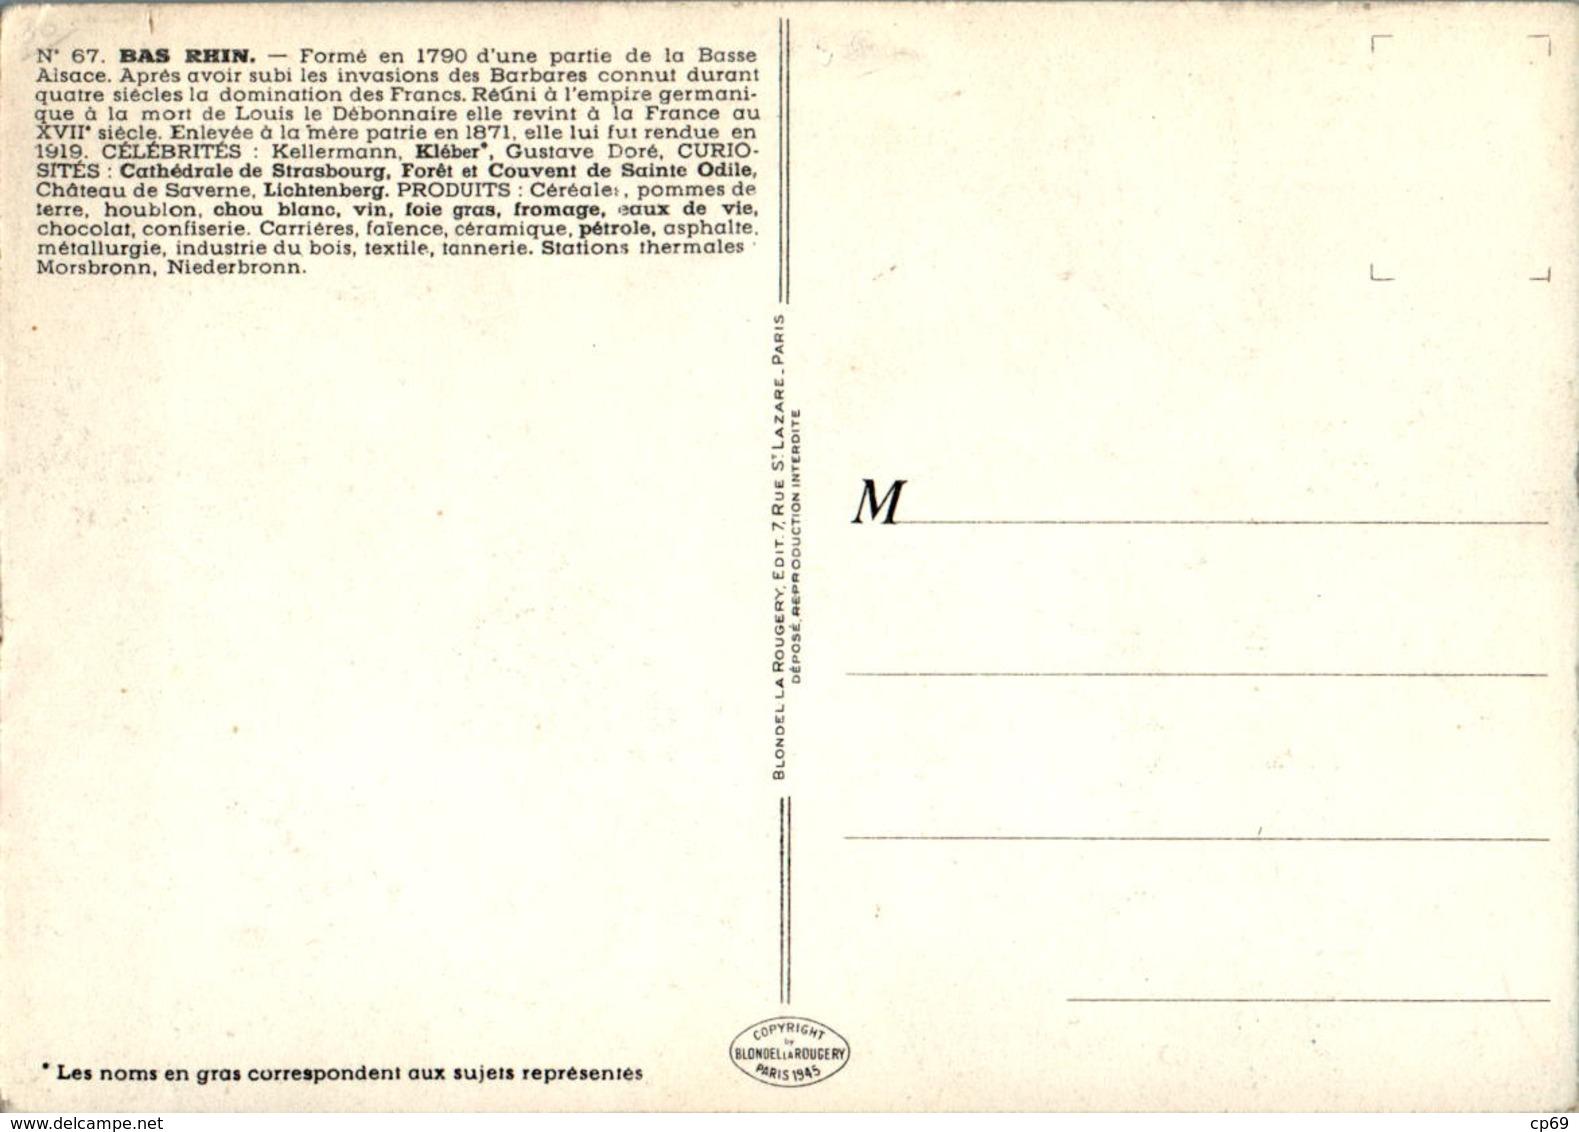 PINCHON Année 1945 Département Du Bas-Rhin (67) Strasbourg Sélestat Saverne Haguenau Wissembourg Erstein Schirmeck TB.E - Non Classés